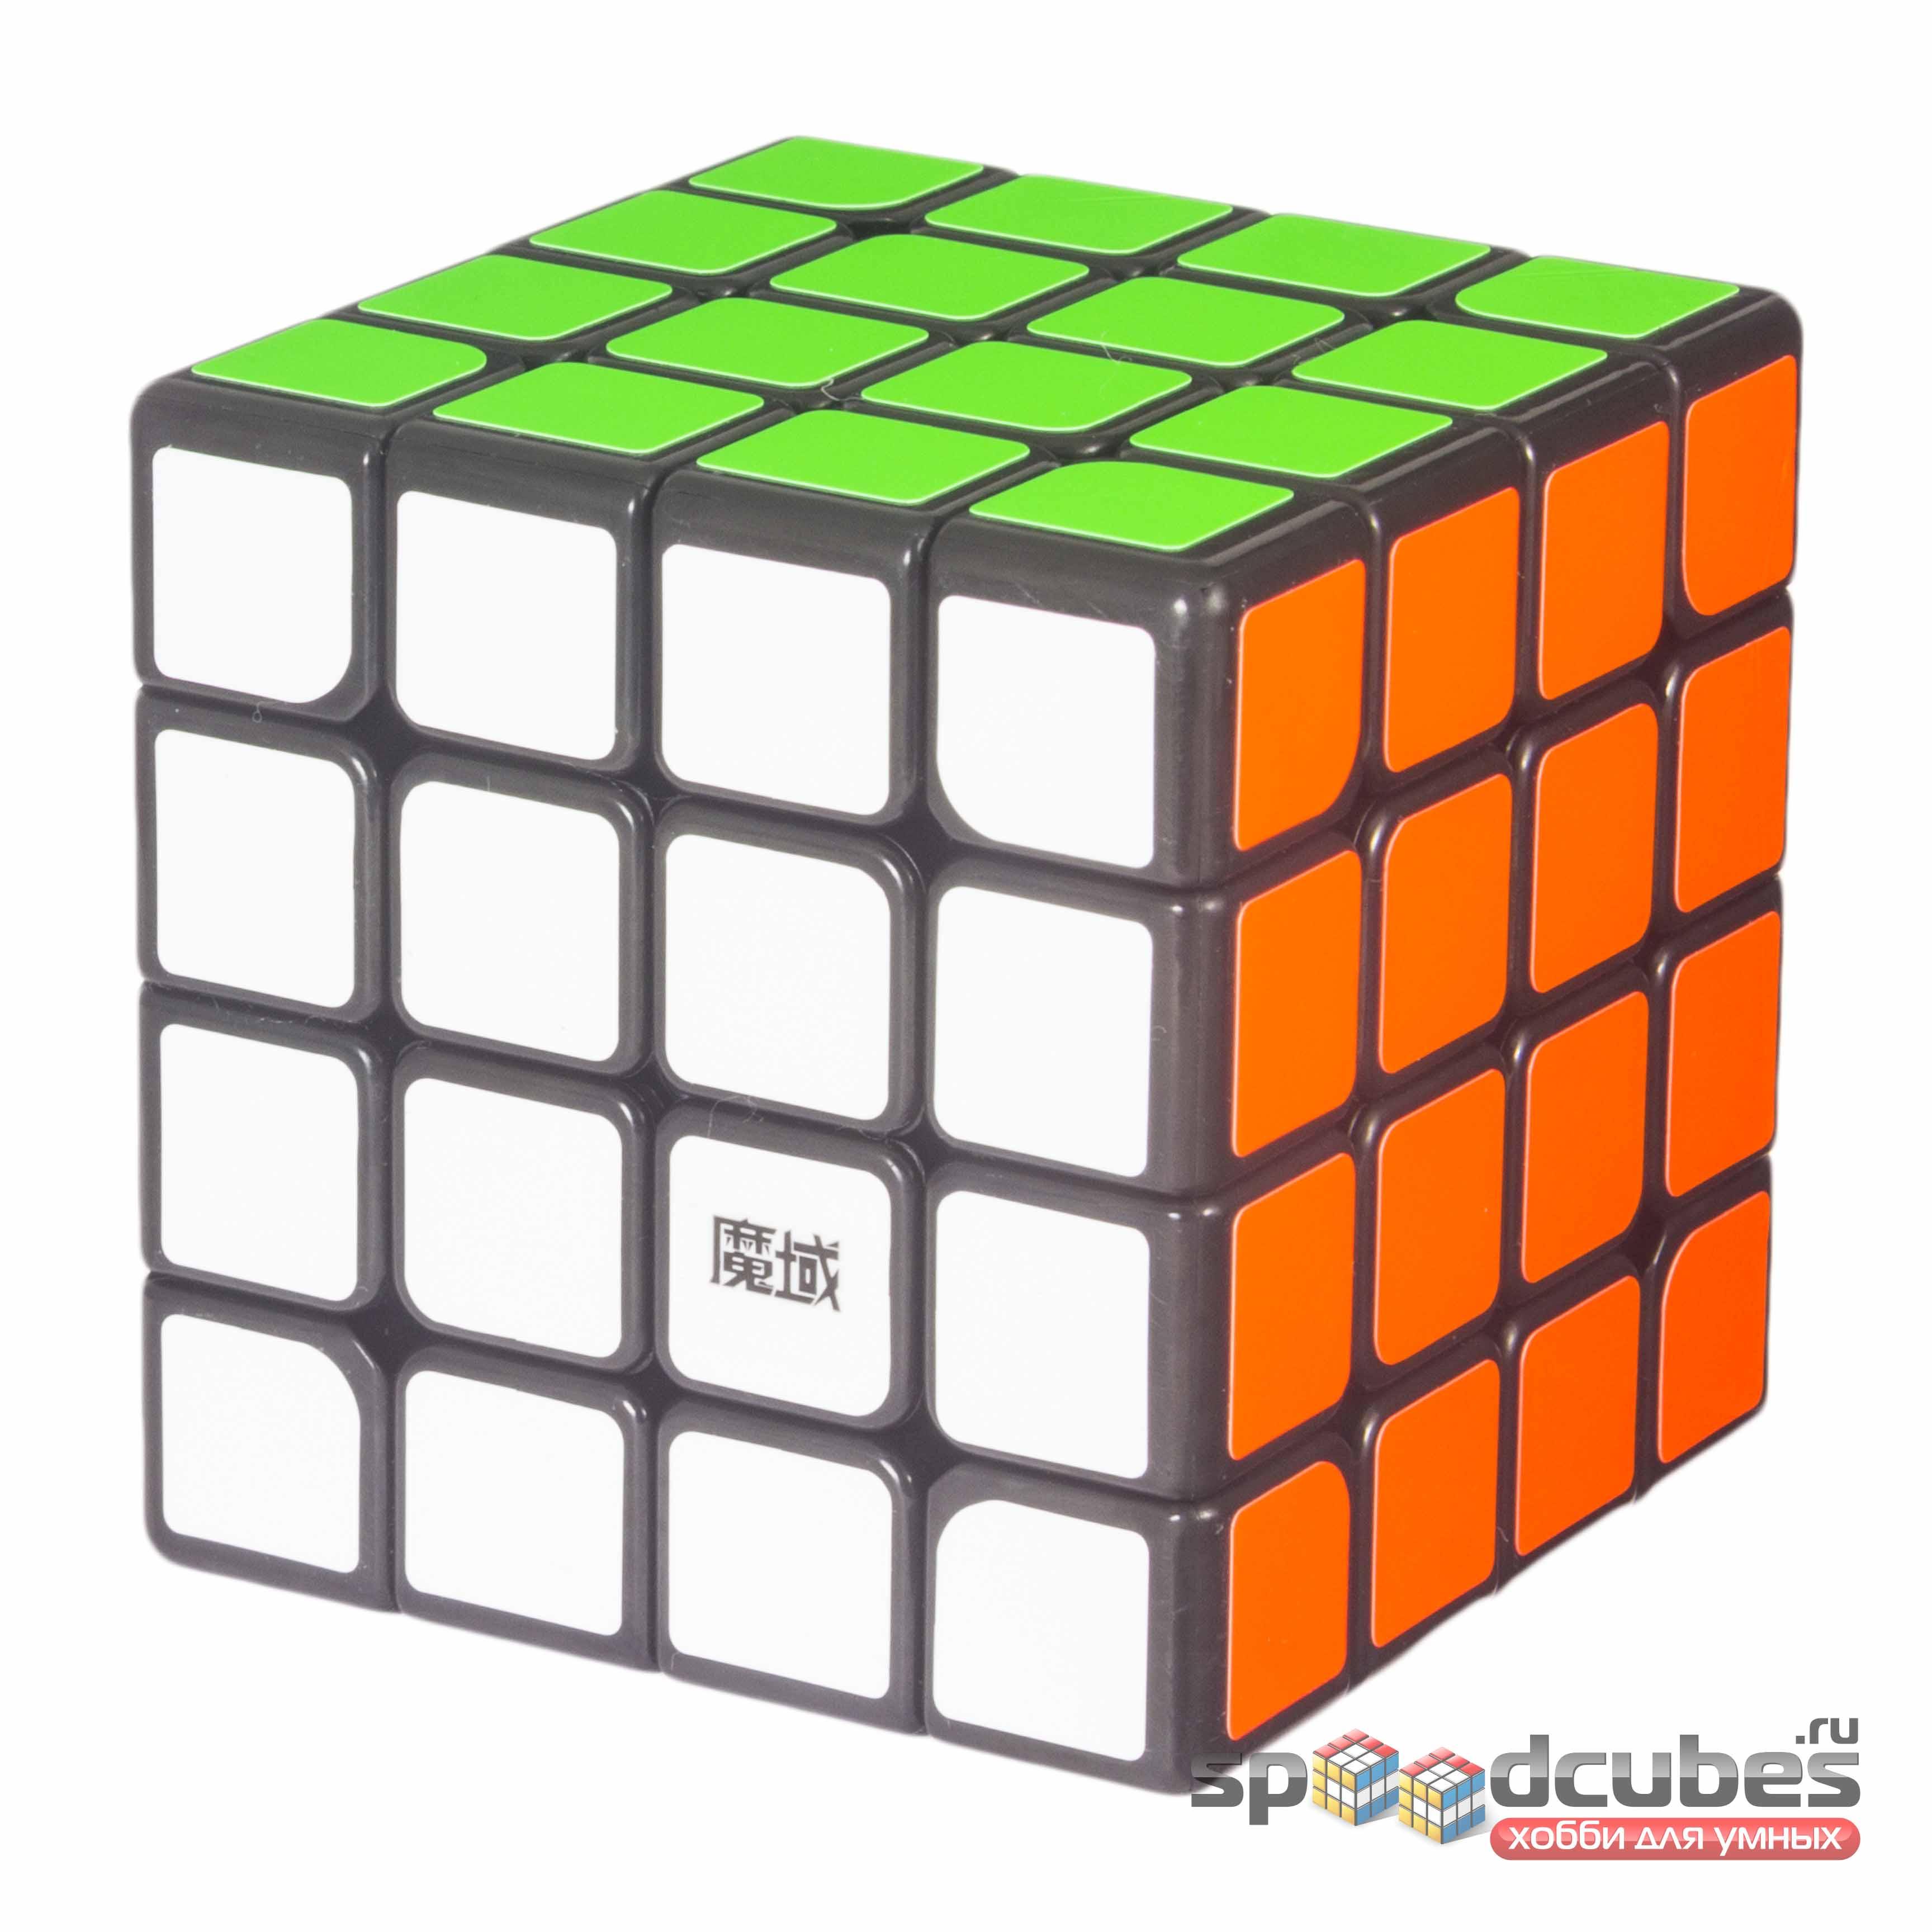 MoYu 4x4x4 Aosu GTS 2 M